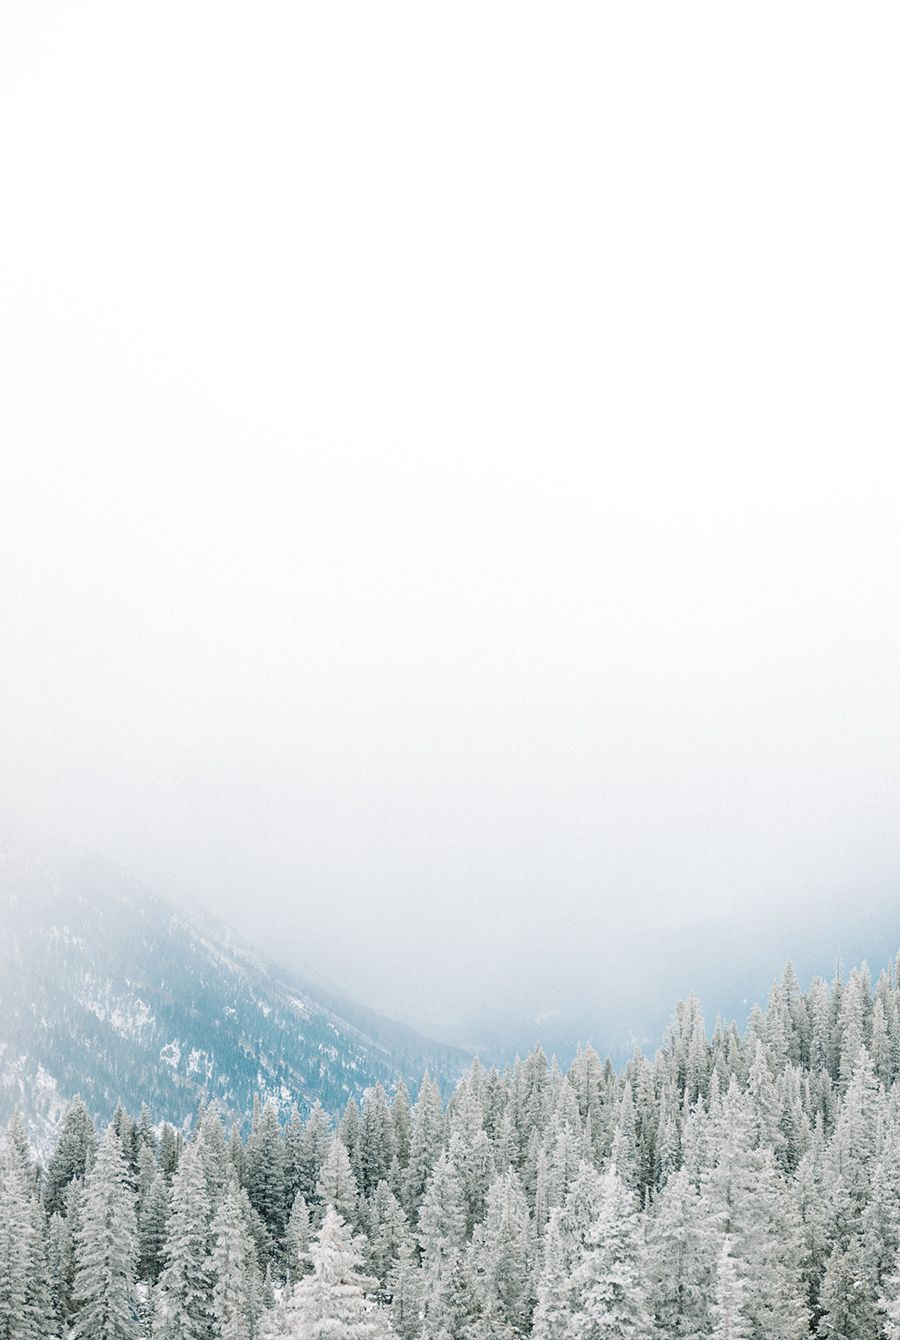 Aspen, Colorado, USA Turismo de Neve durante o inverno. PicadoTur - Consultoria em Viagens. Siga nos.